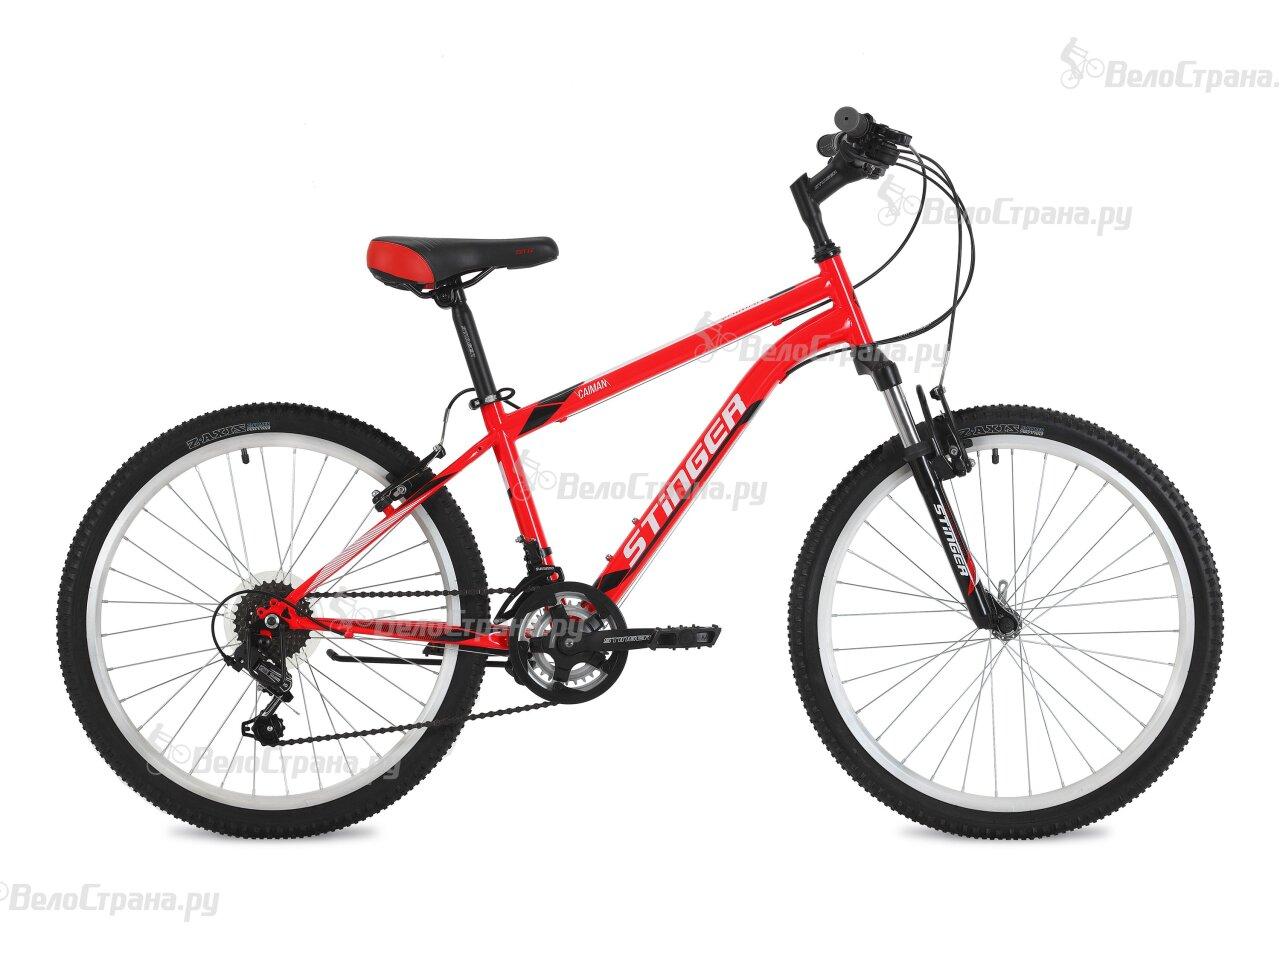 Велосипед Stinger Caiman 24 (2018) велосипед stinger caiman 26 2016